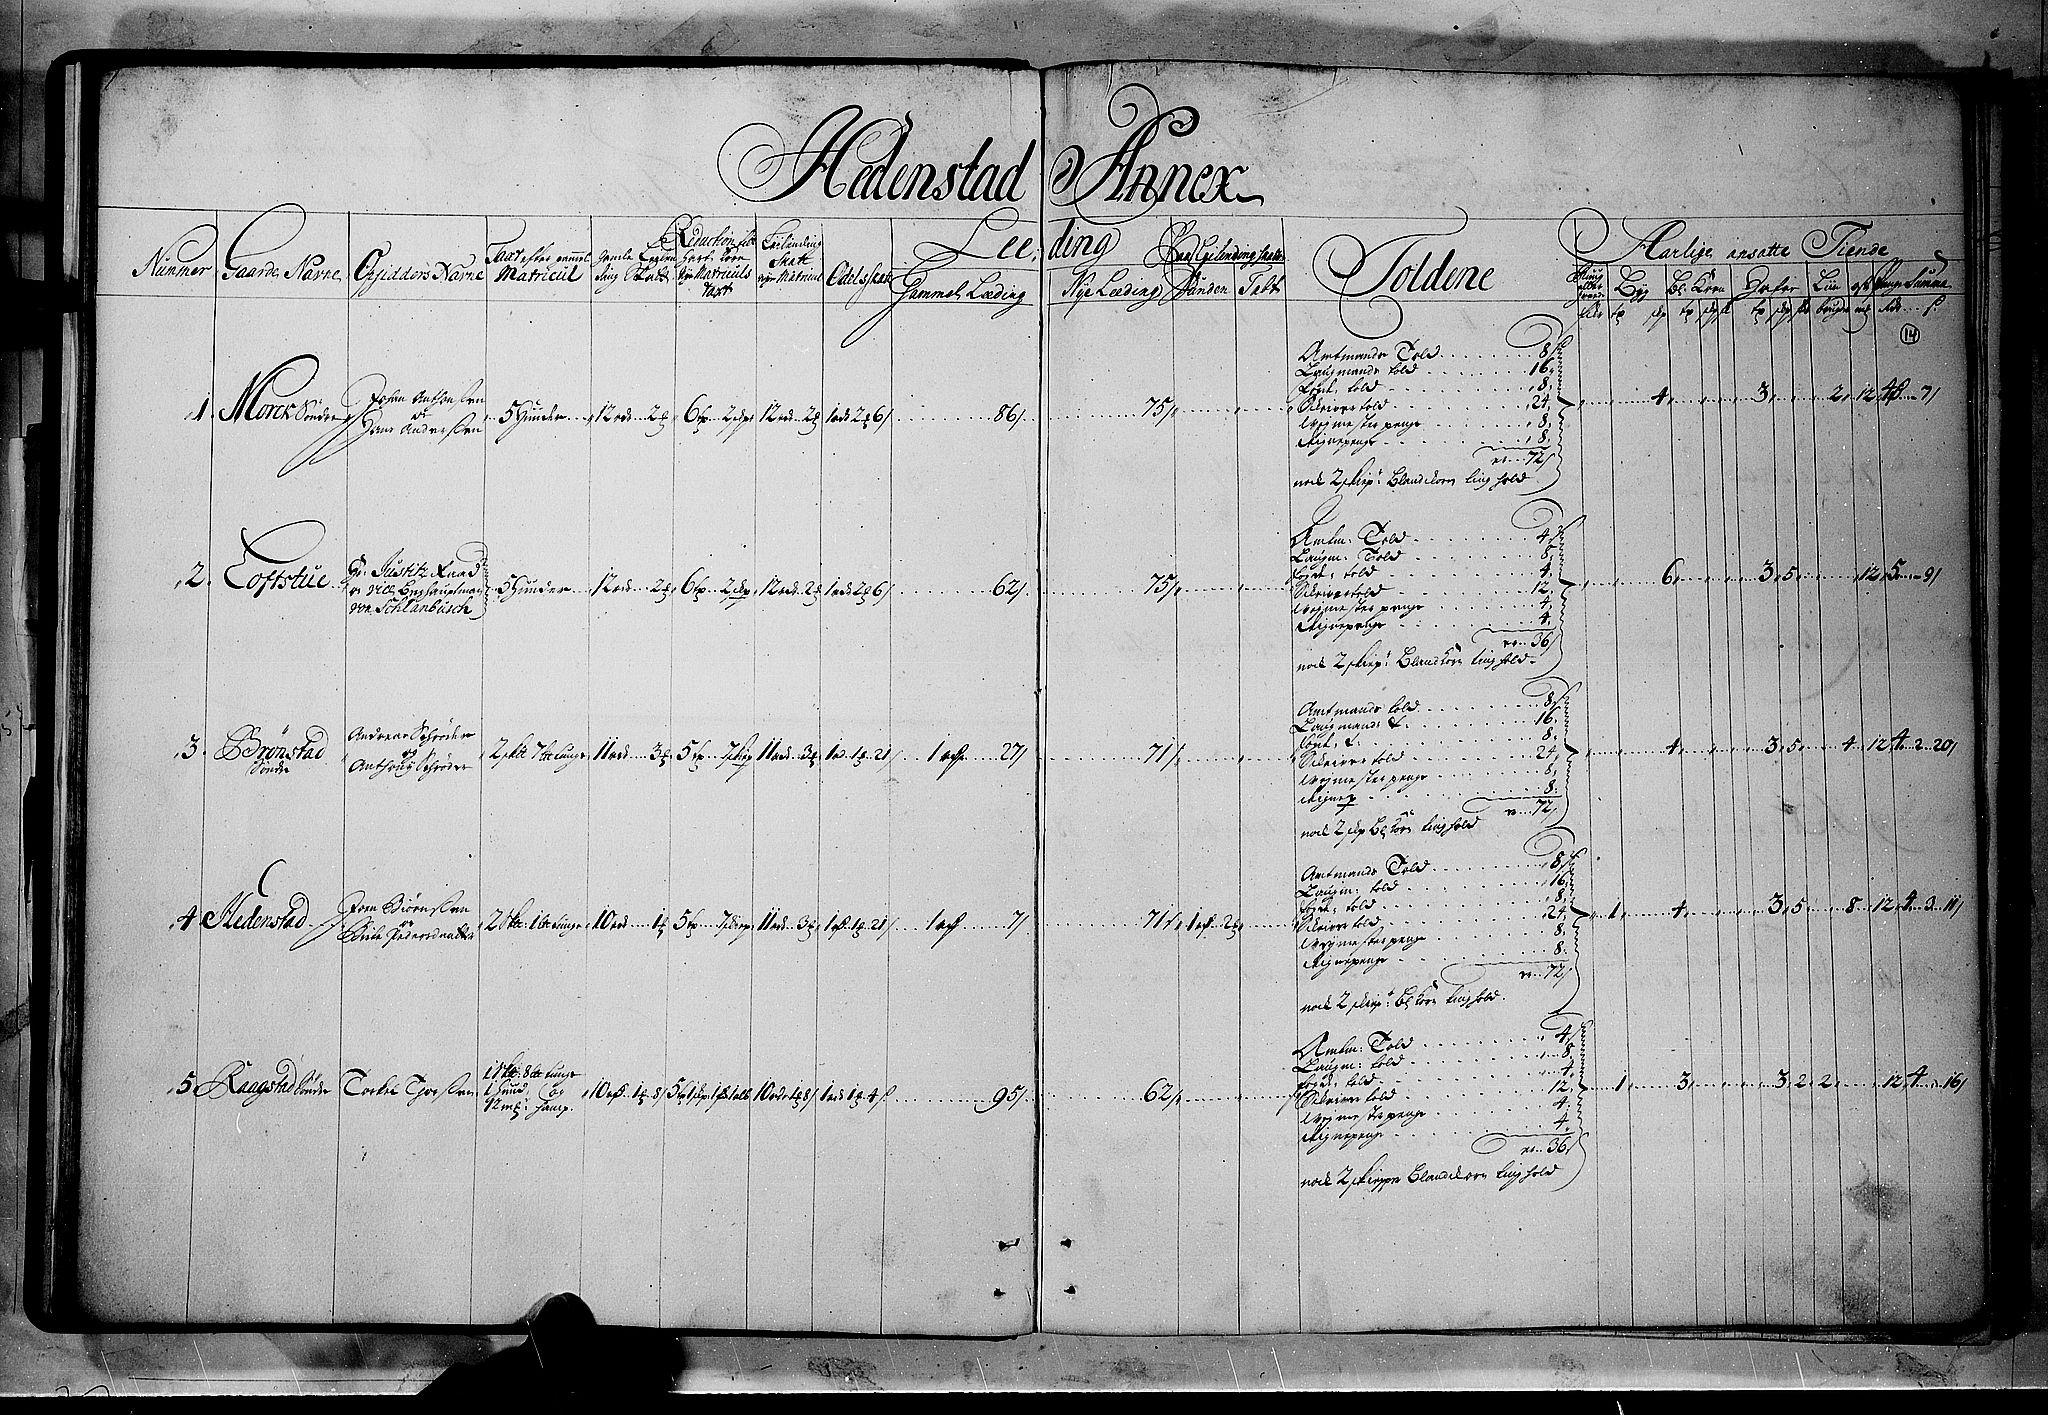 RA, Rentekammeret inntil 1814, Realistisk ordnet avdeling, N/Nb/Nbf/L0114: Numedal og Sandsvær matrikkelprotokoll, 1723, s. 13b-14a